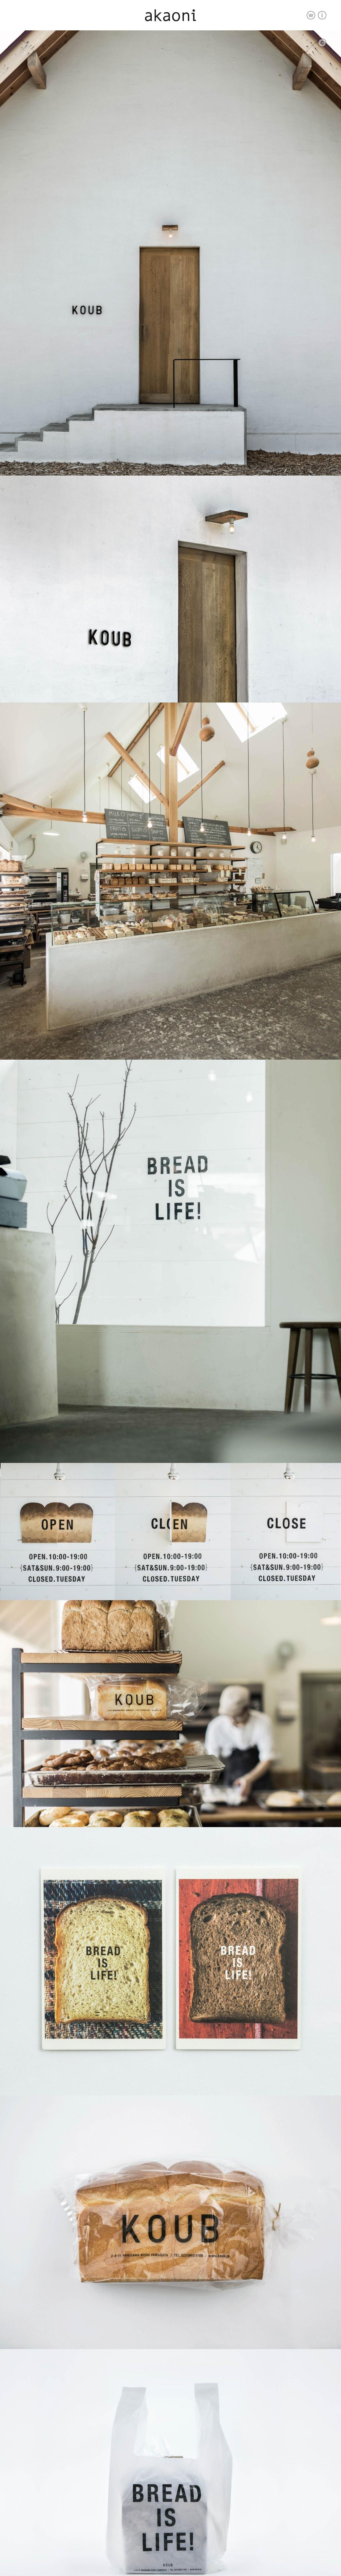 KOUB|アカオニ|デザイン 写真 WEB|山形